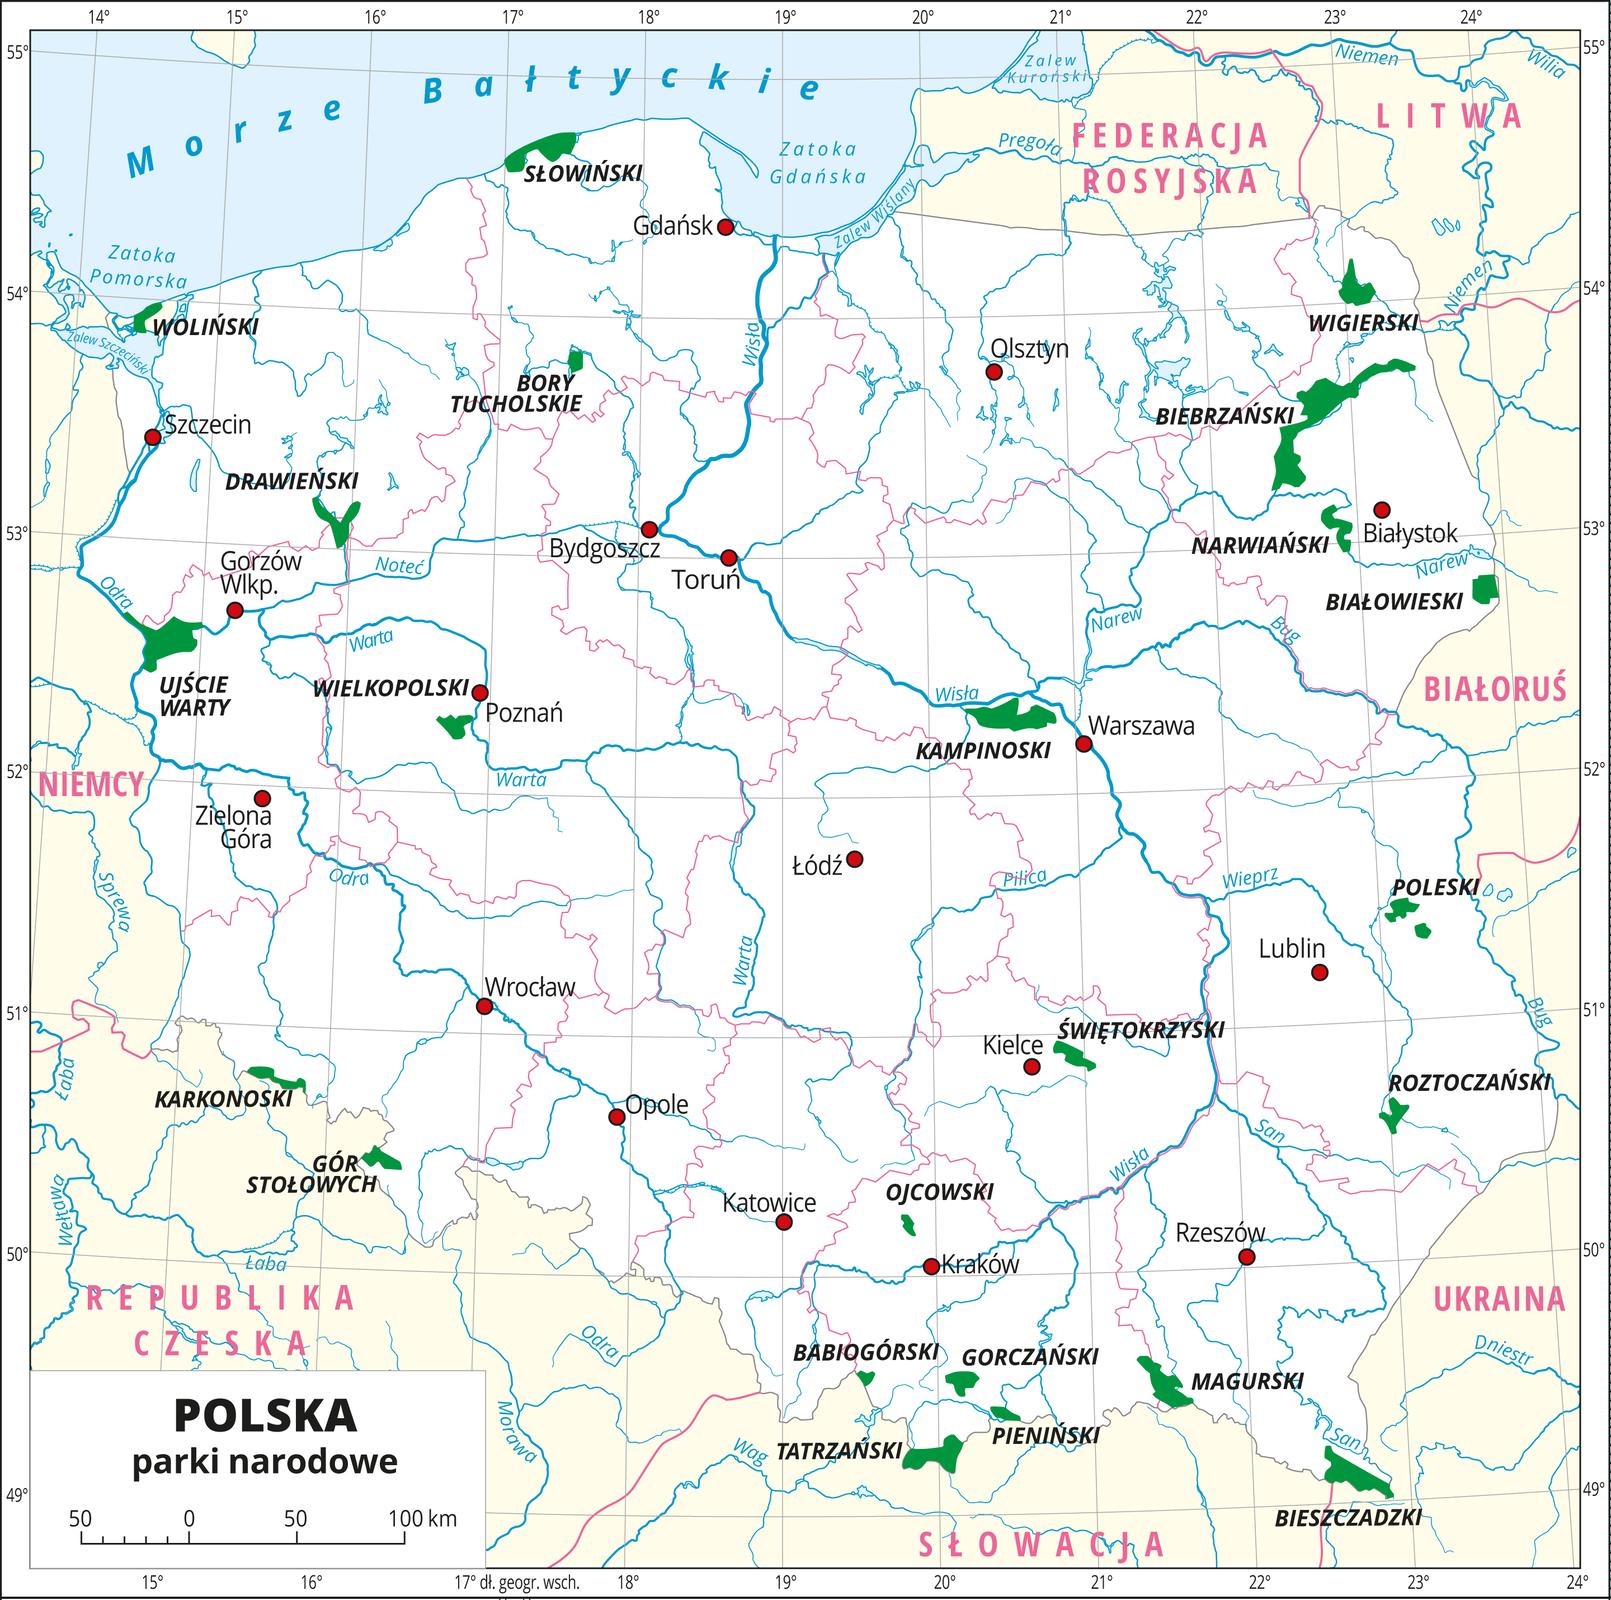 Mapa Polski zoznaczonymi na zielono parkami narodowymi.